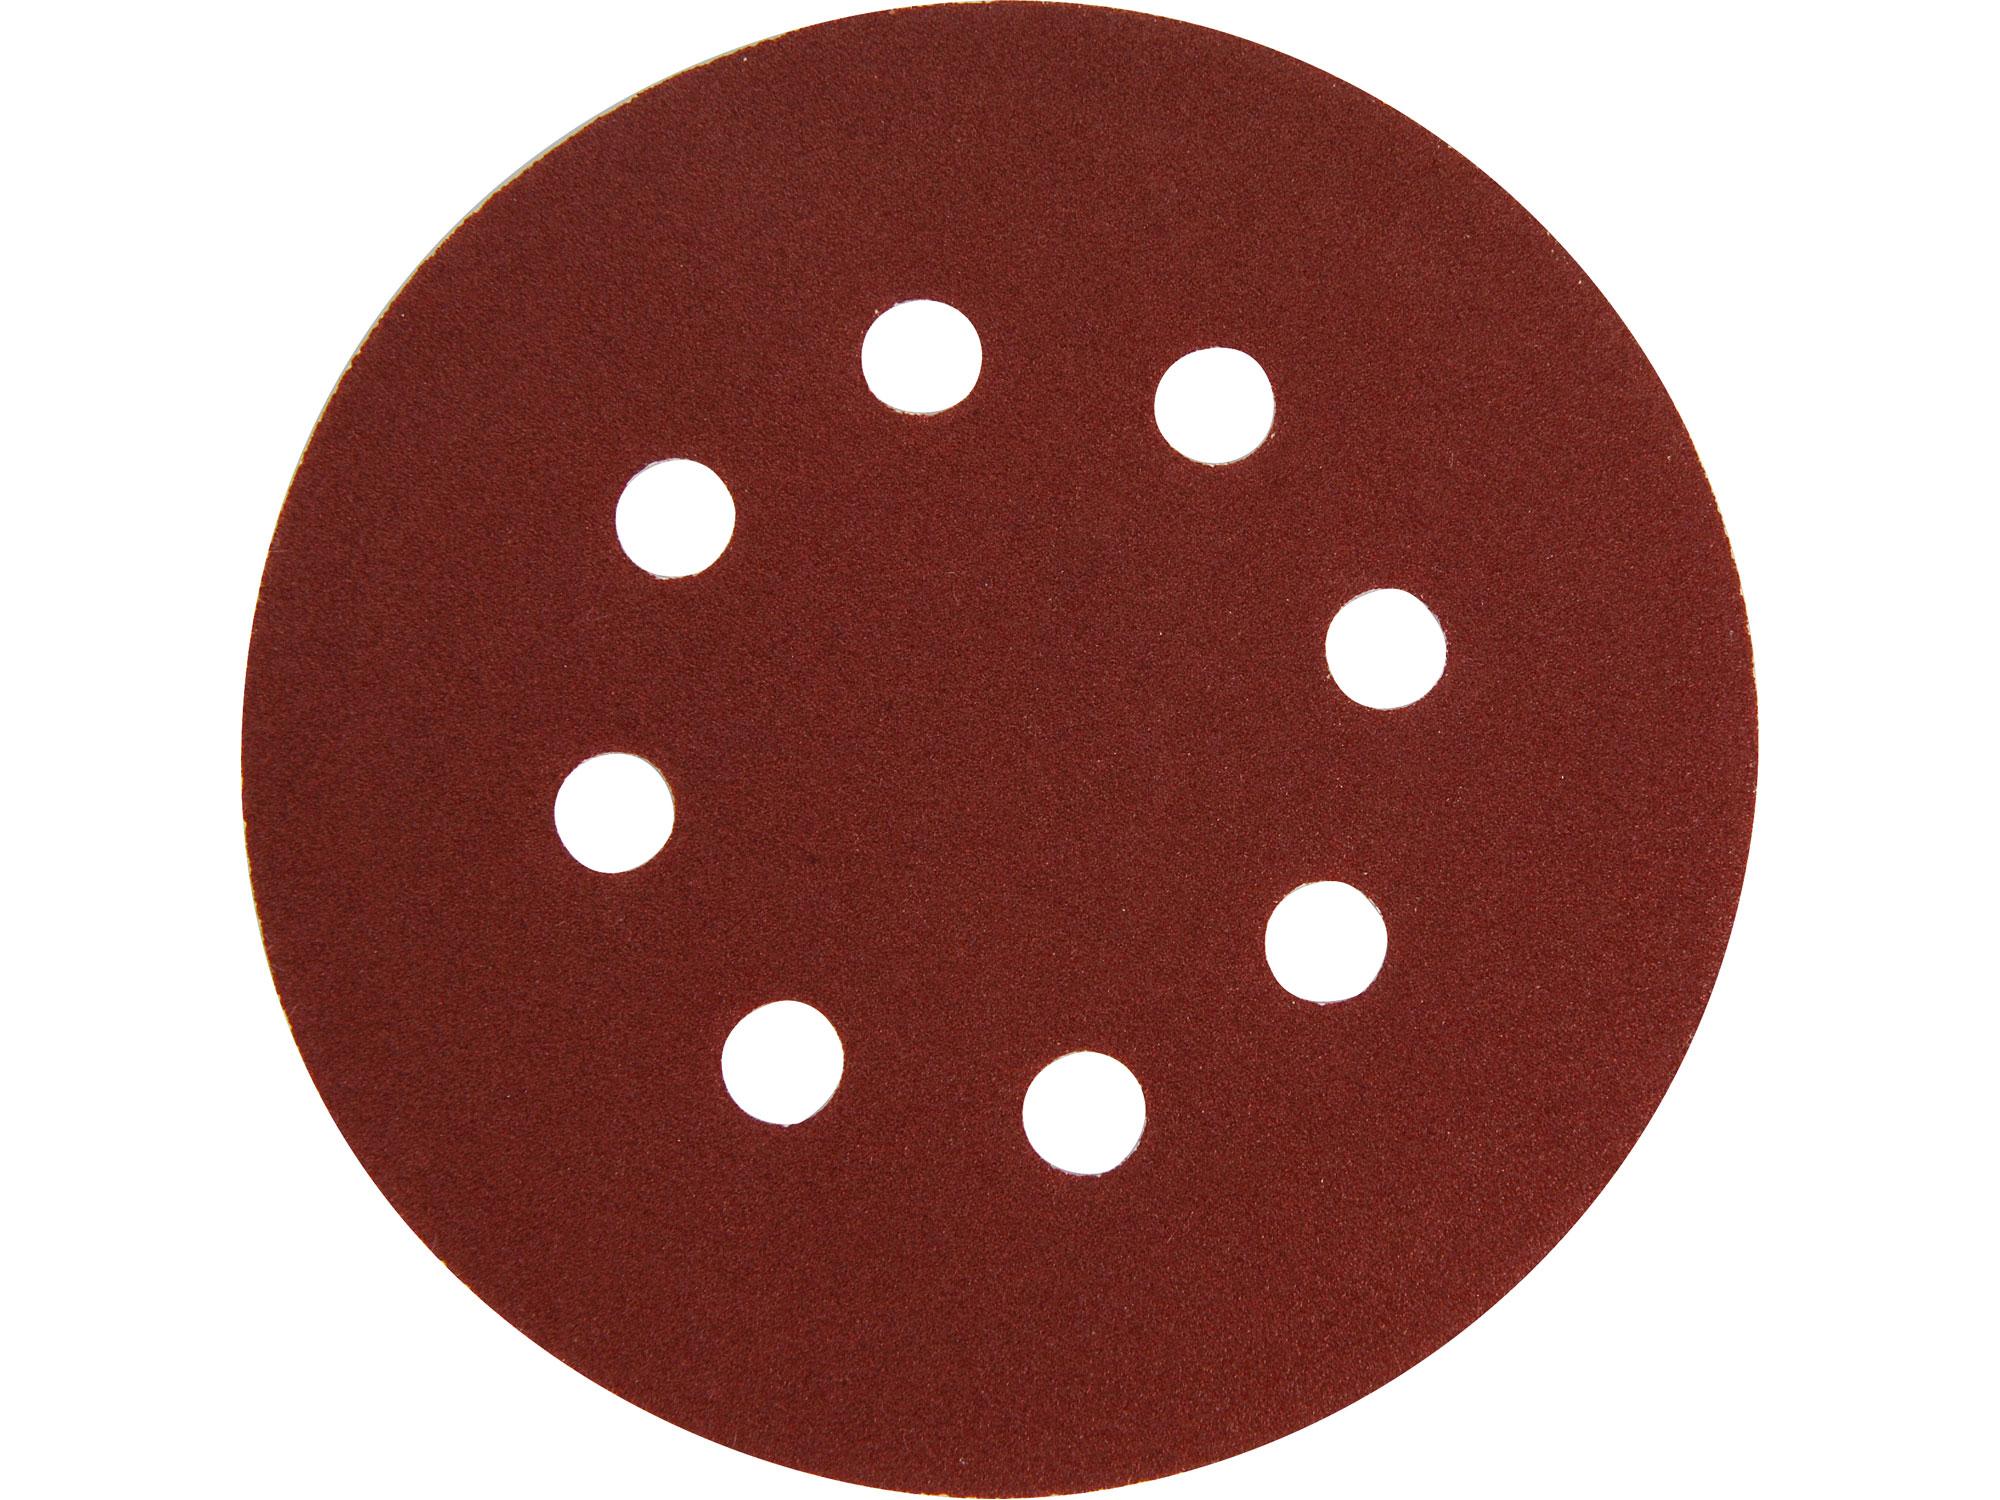 velcro disc 125mm, P40, 8 holes, 10pcs